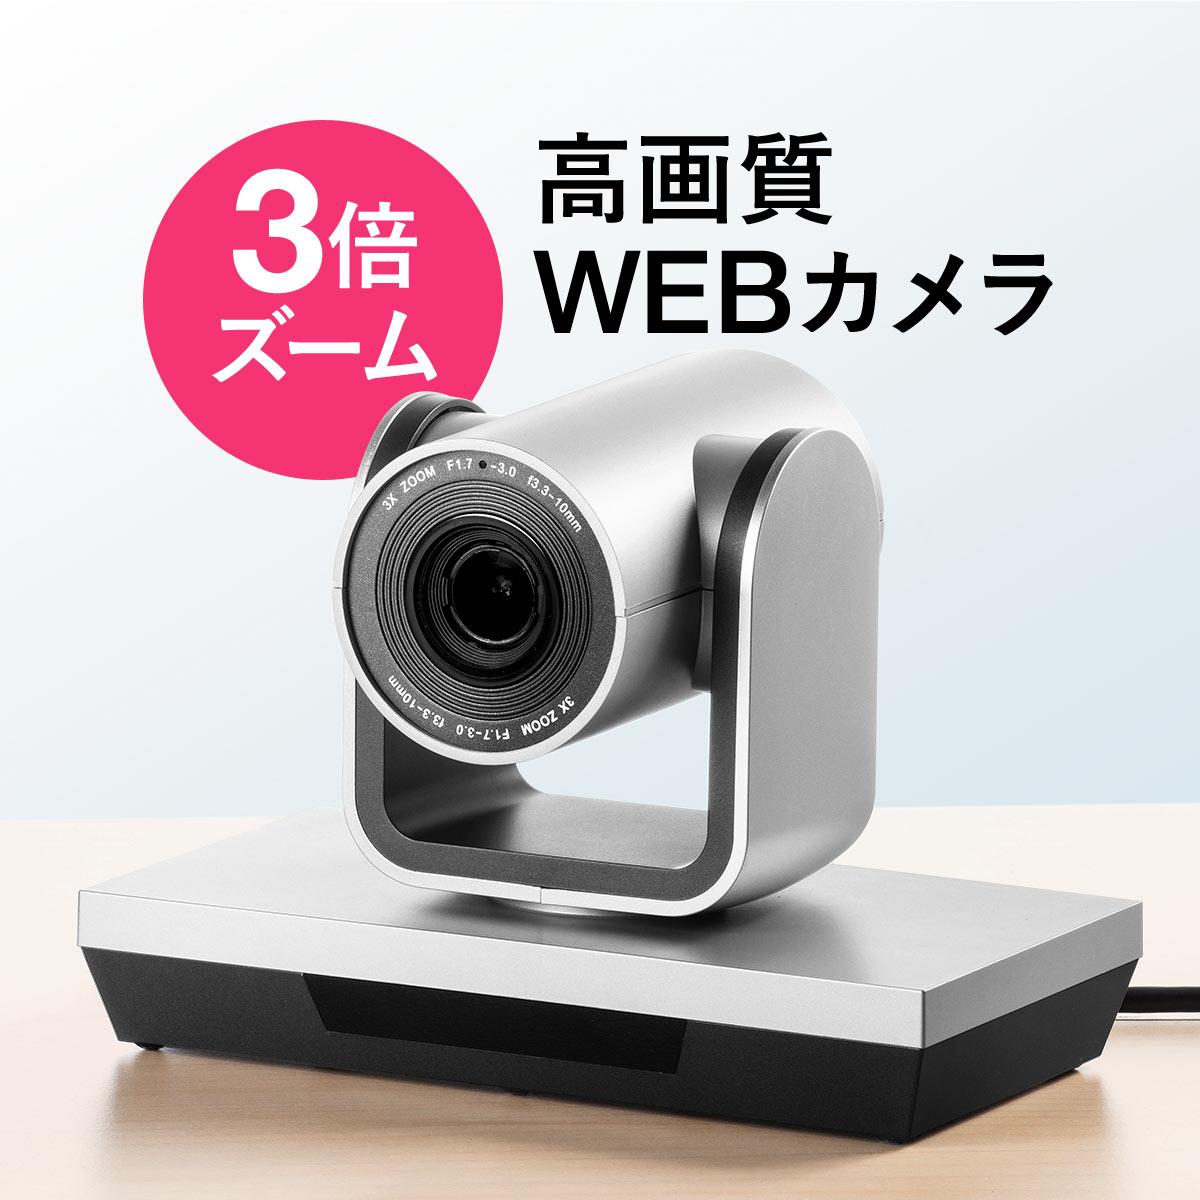 400-cam071の画像